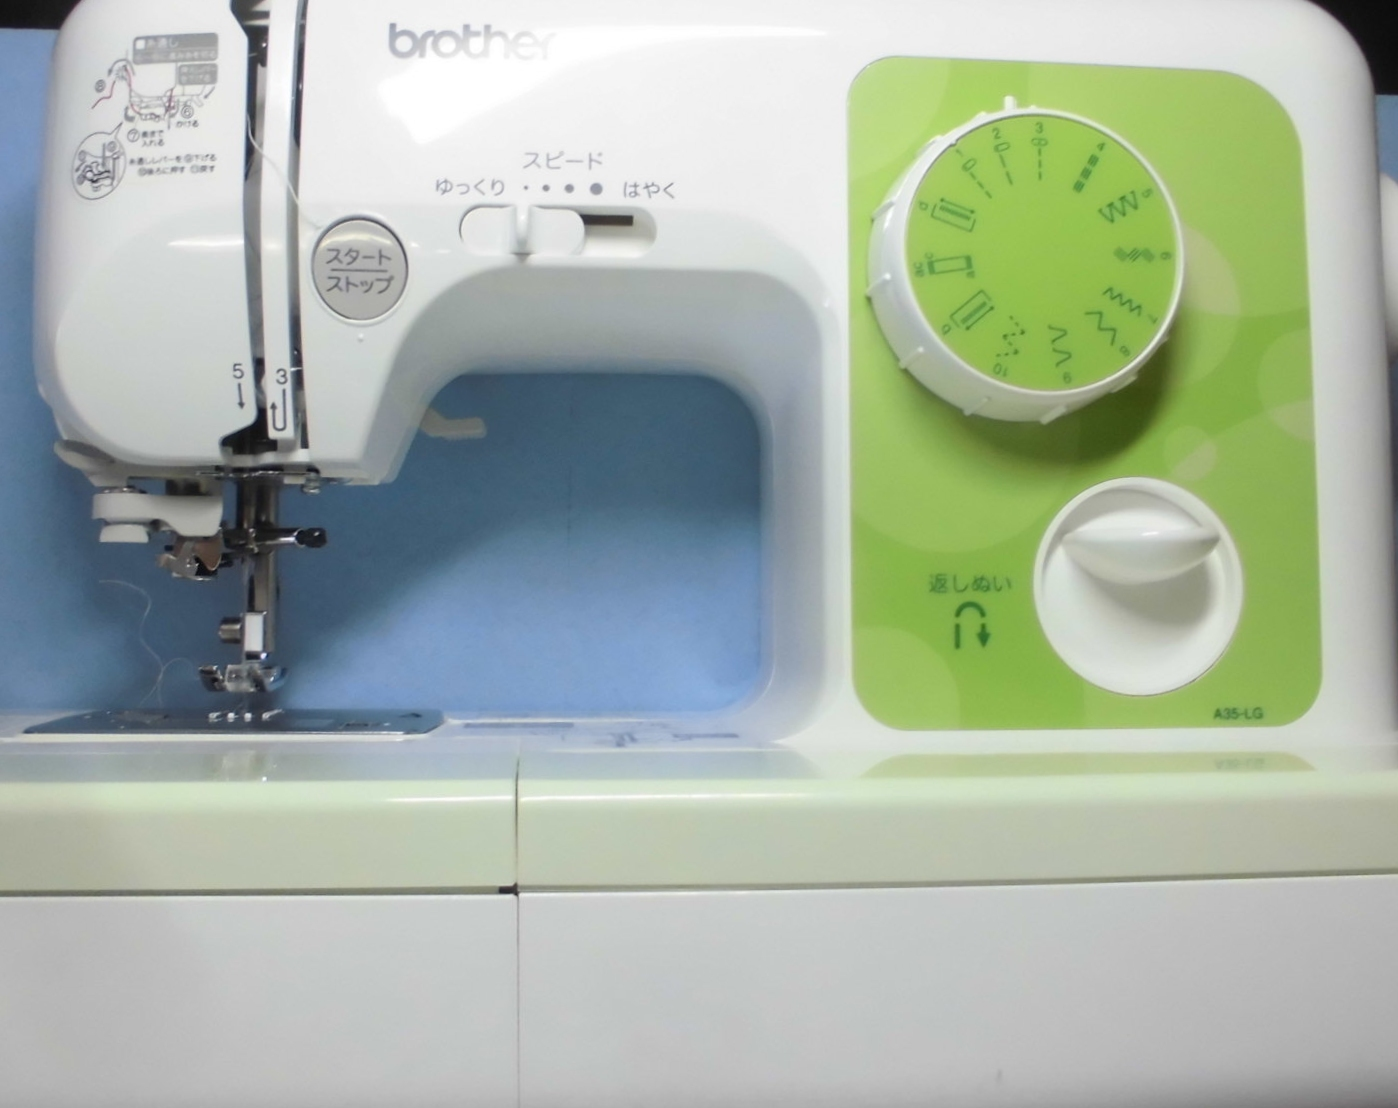 ブラザーミシン修理|A35-LG|縫えない、針が刺さらない、糸調子不良